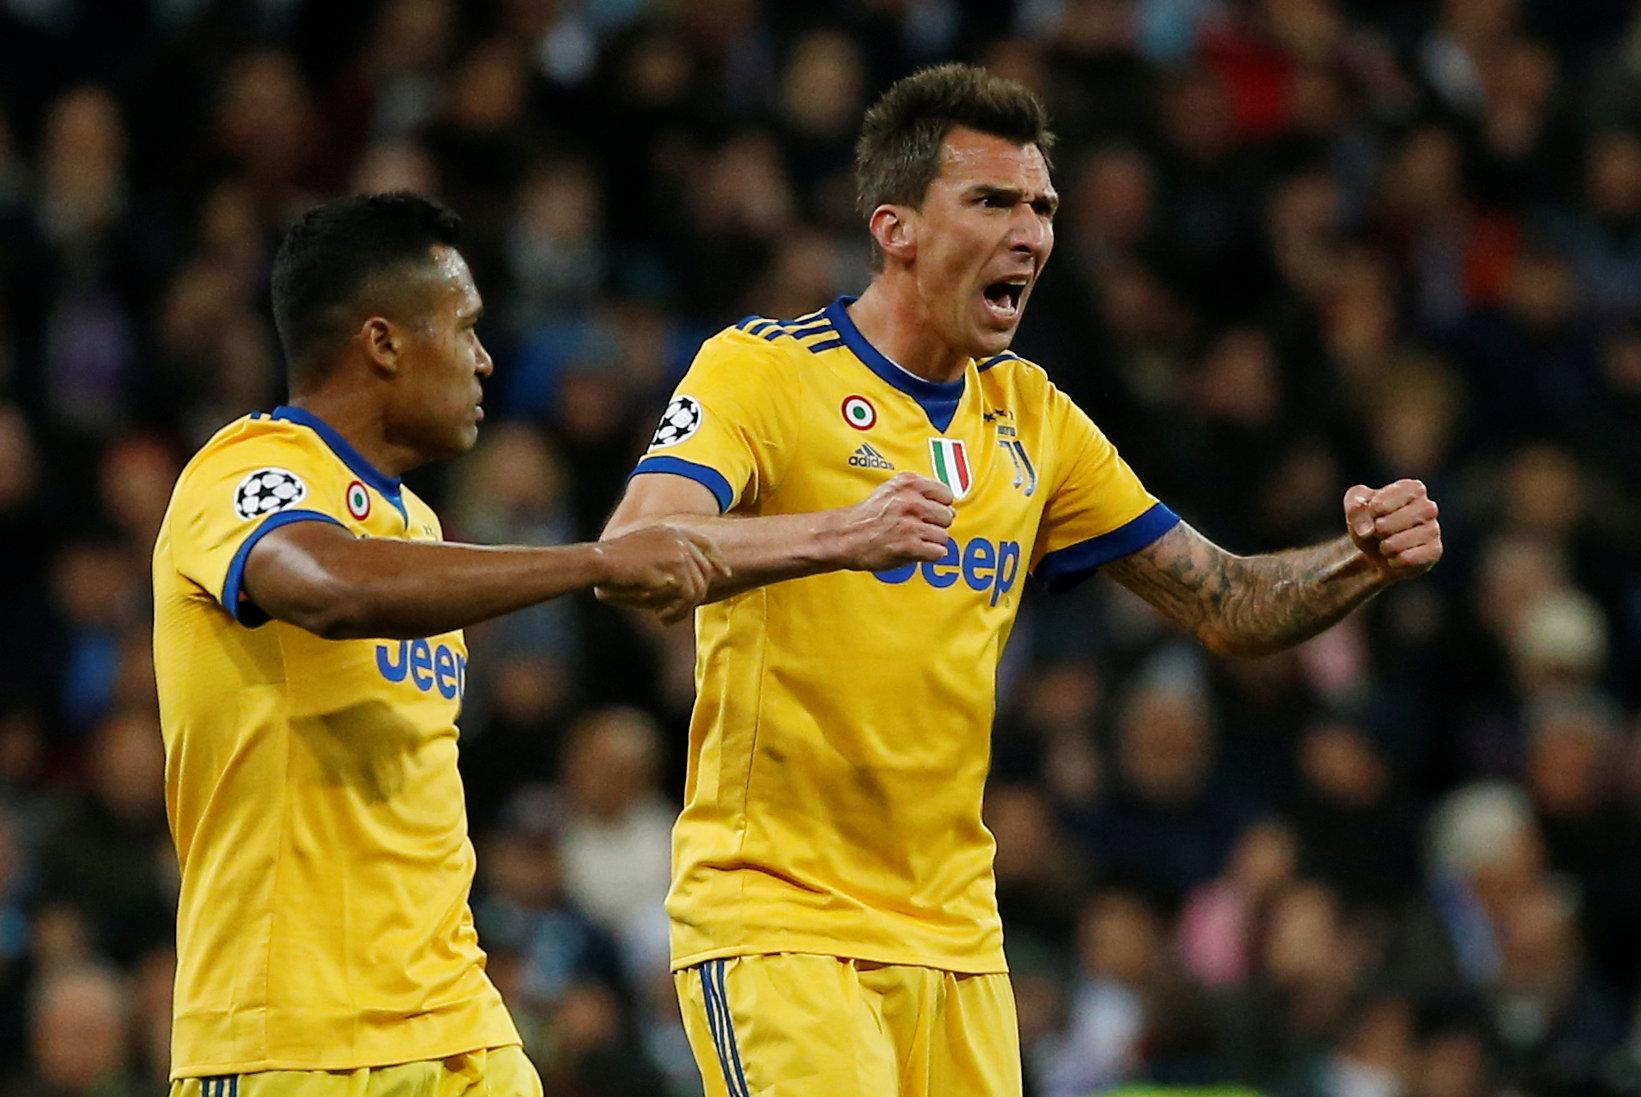 Niềm vui của Mandzukic sau khi nâng tỉ số lên 2-0 cho Juventus. Ảnh: REUTERS